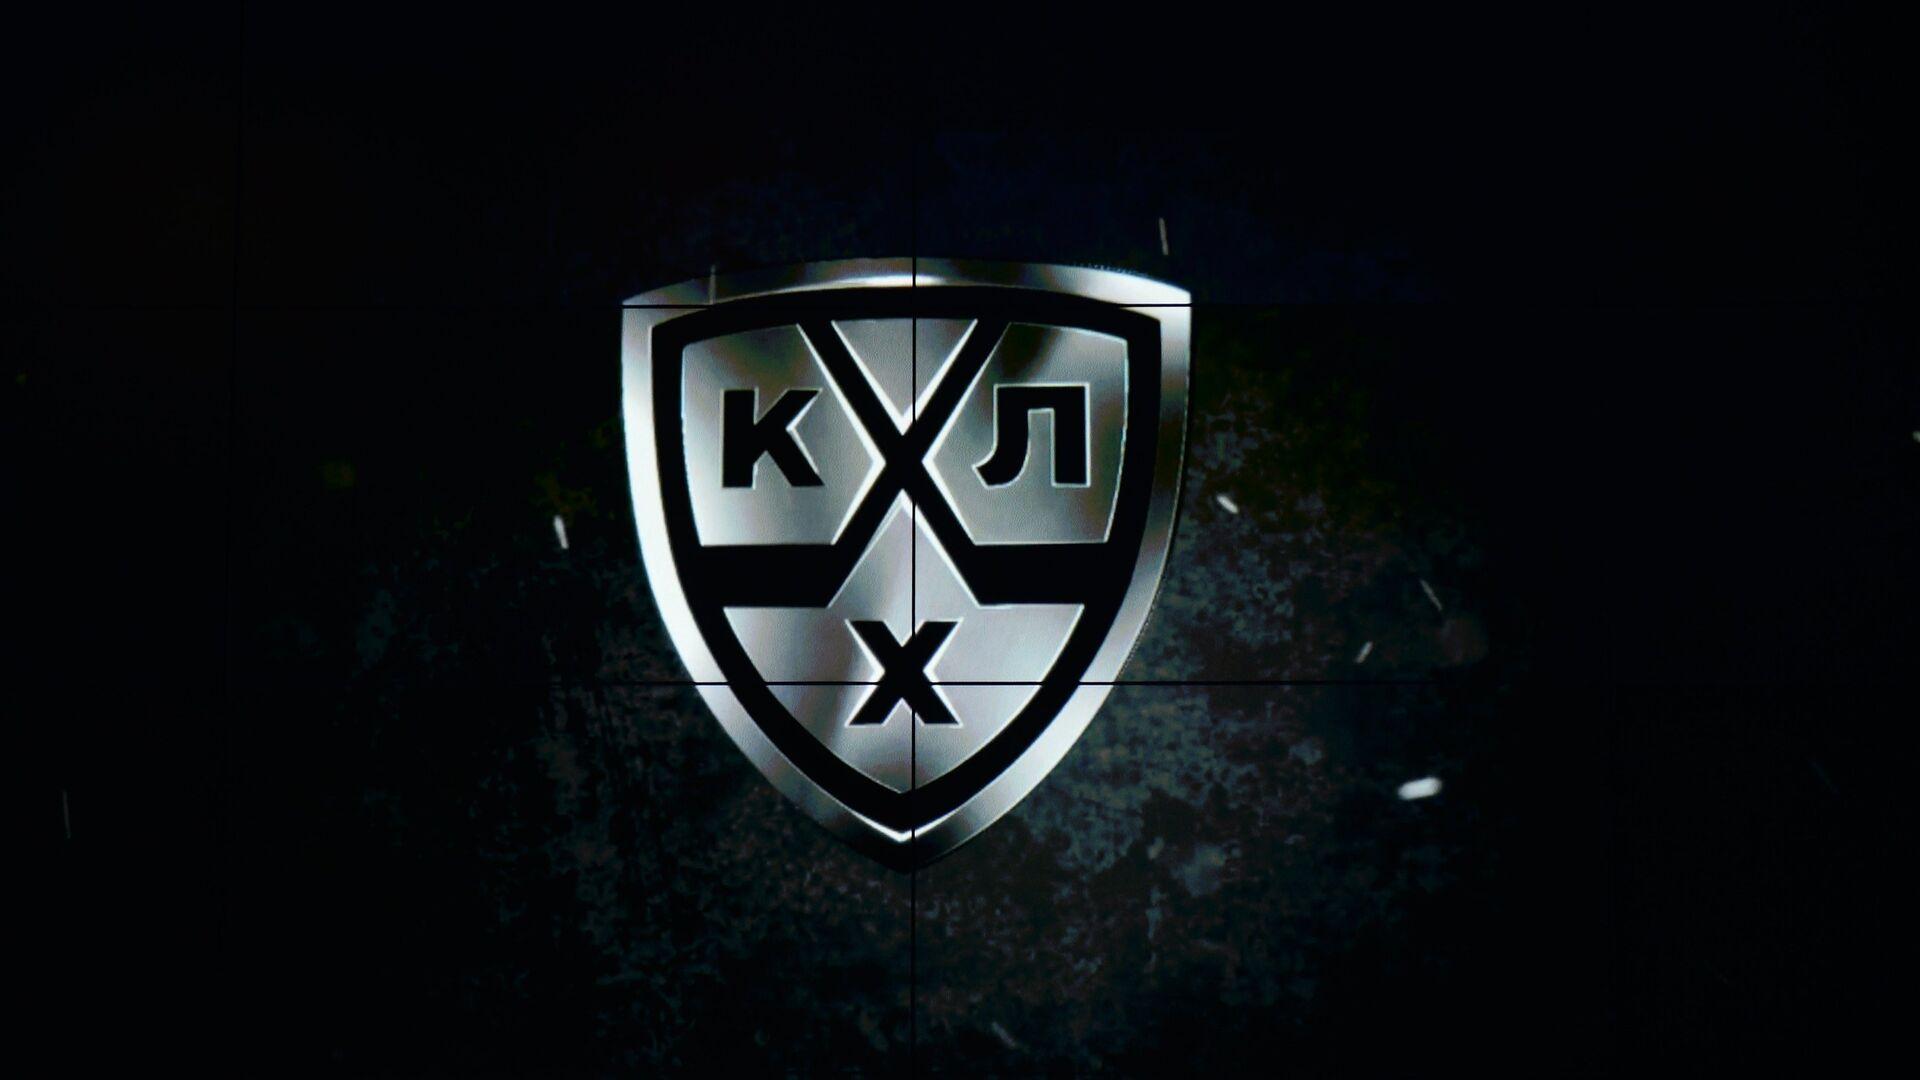 Логотип Континентальной хоккейной лиги (КХЛ) - РИА Новости, 1920, 03.03.2021